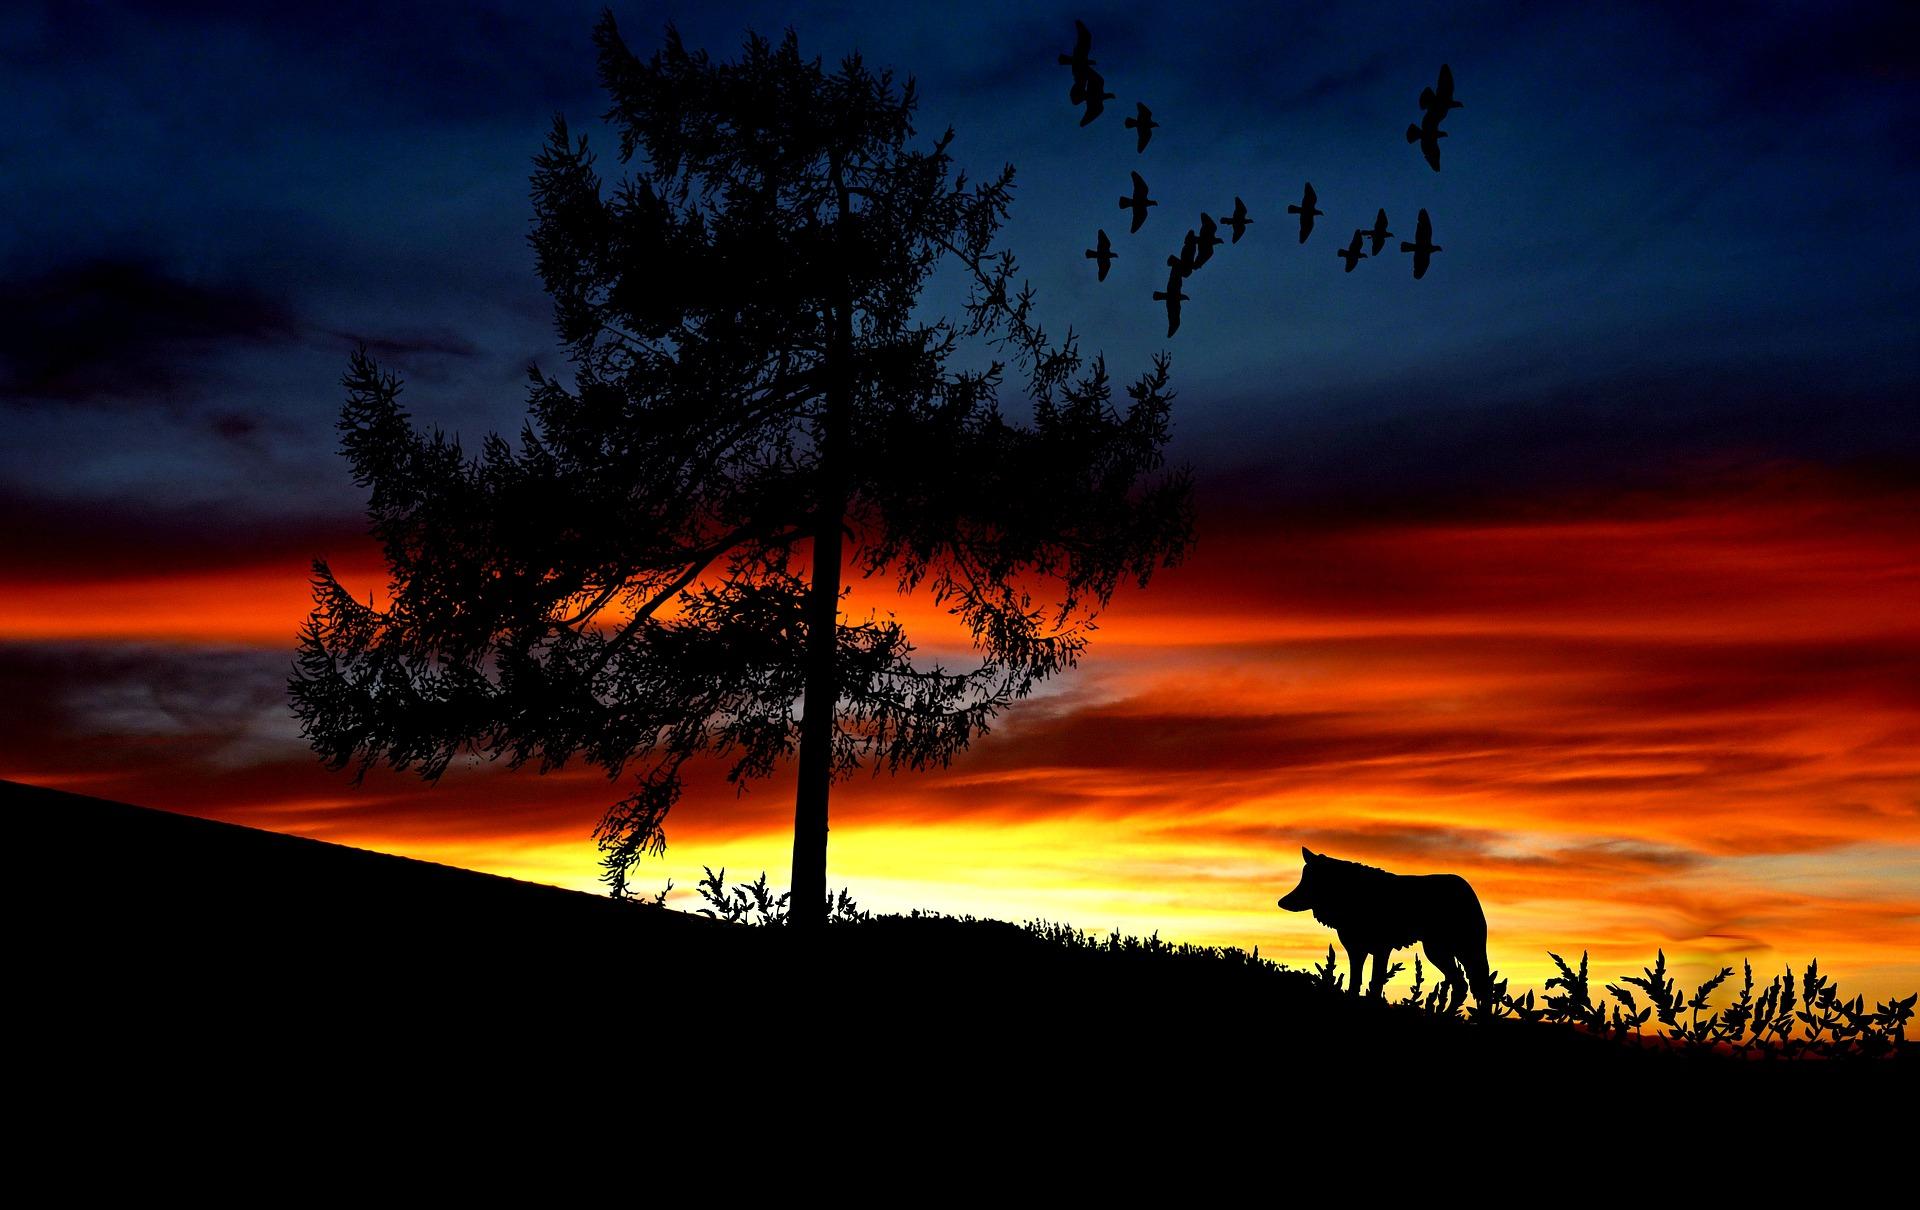 זאב עומד בשקיעה